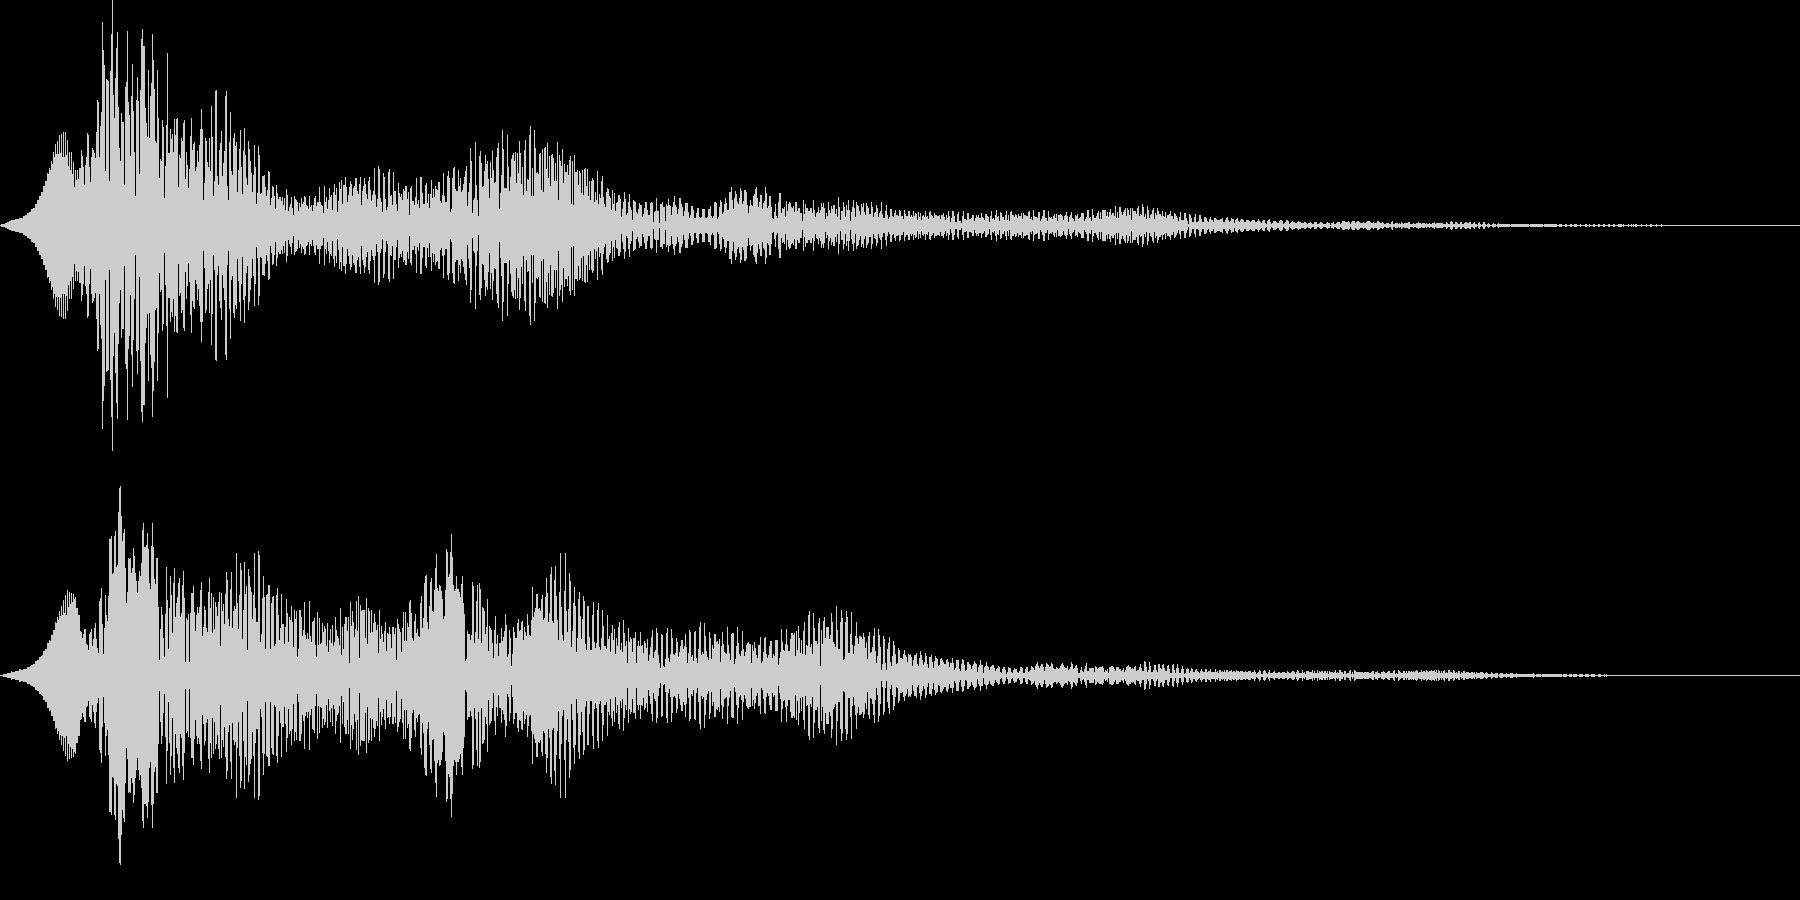 ぽわーん 空間系 サウンドロゴの未再生の波形